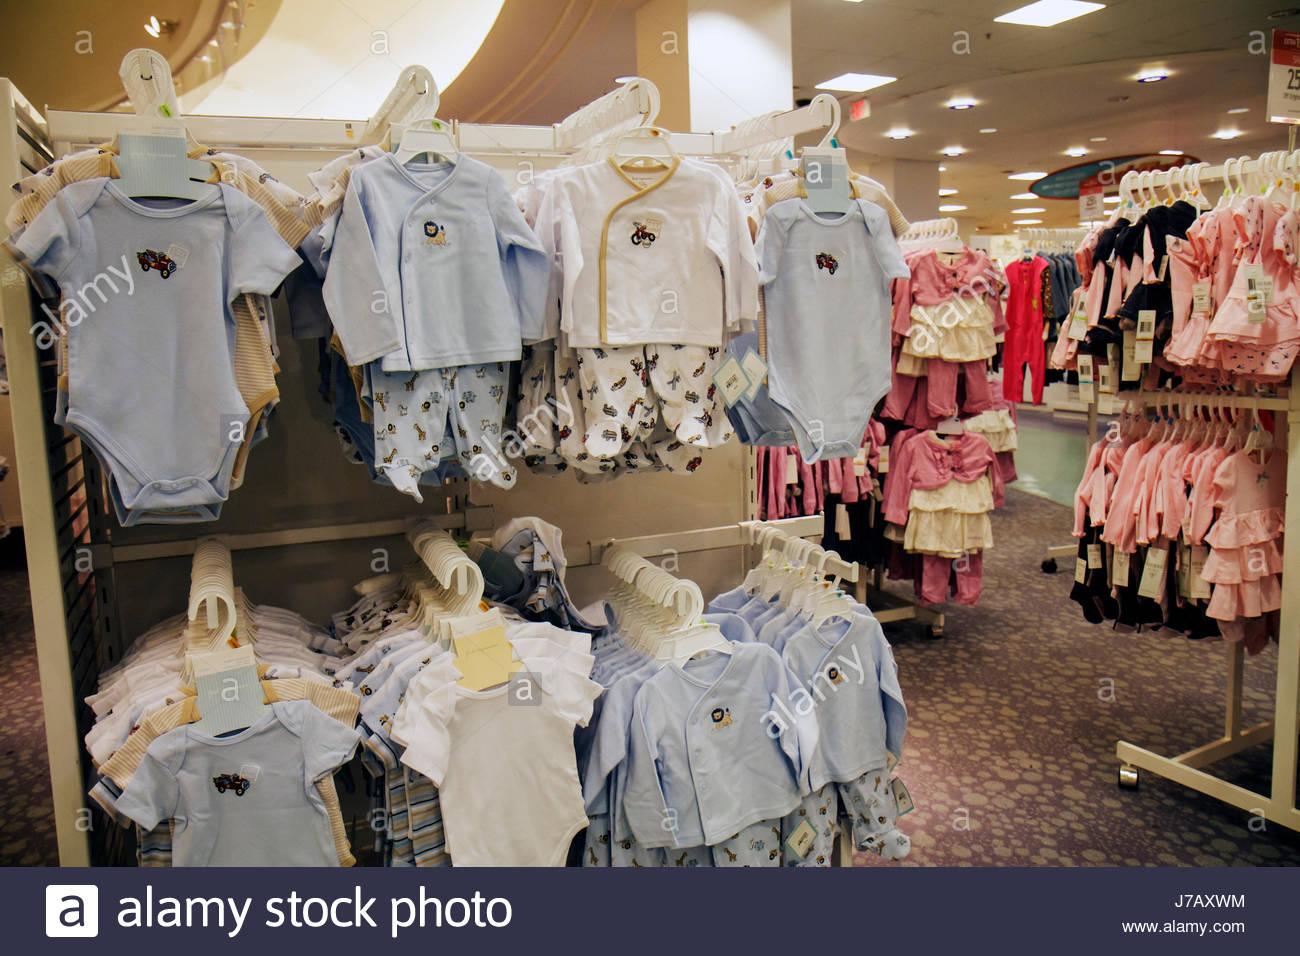 2444ea68266e9 Floride Miami Dadeland Mall shopping de l étalage pour la vente du grand  magasin Macy s vêtements Vêtements pour bébé